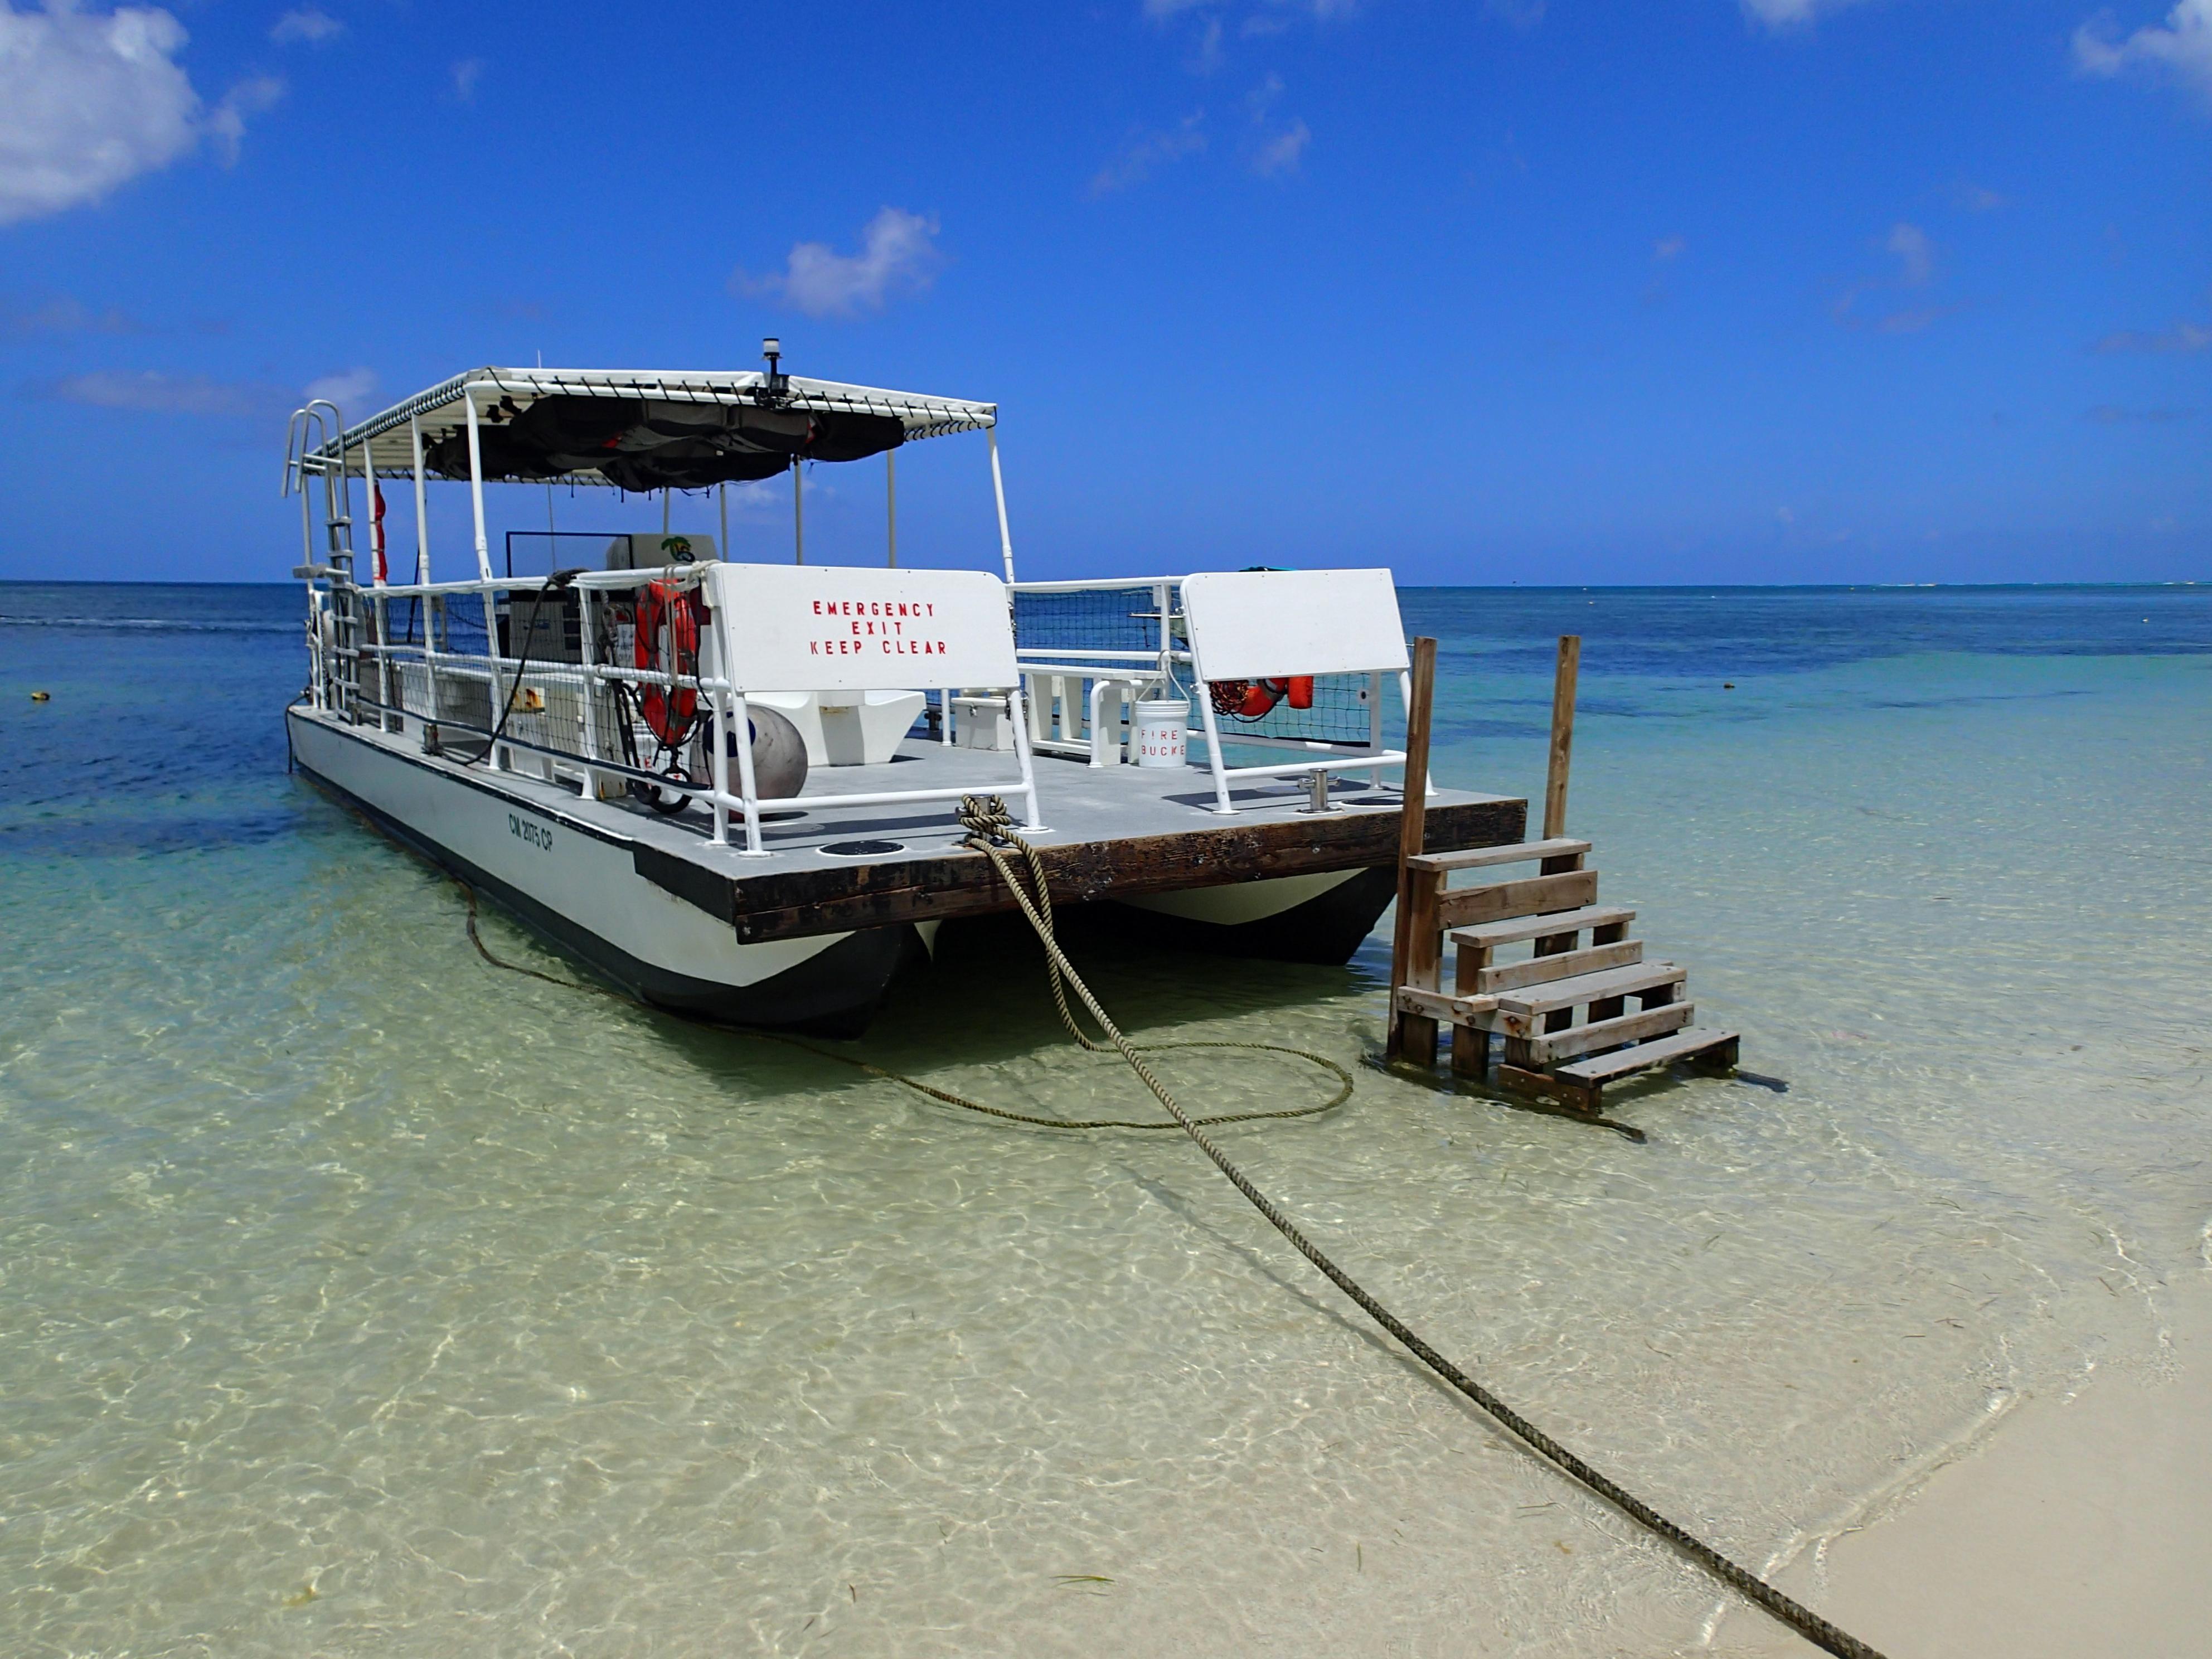 ガラパンのマイクロビーチに係留されていたボート。とにかく海がきれい。露出補正なしでも明るく撮れた